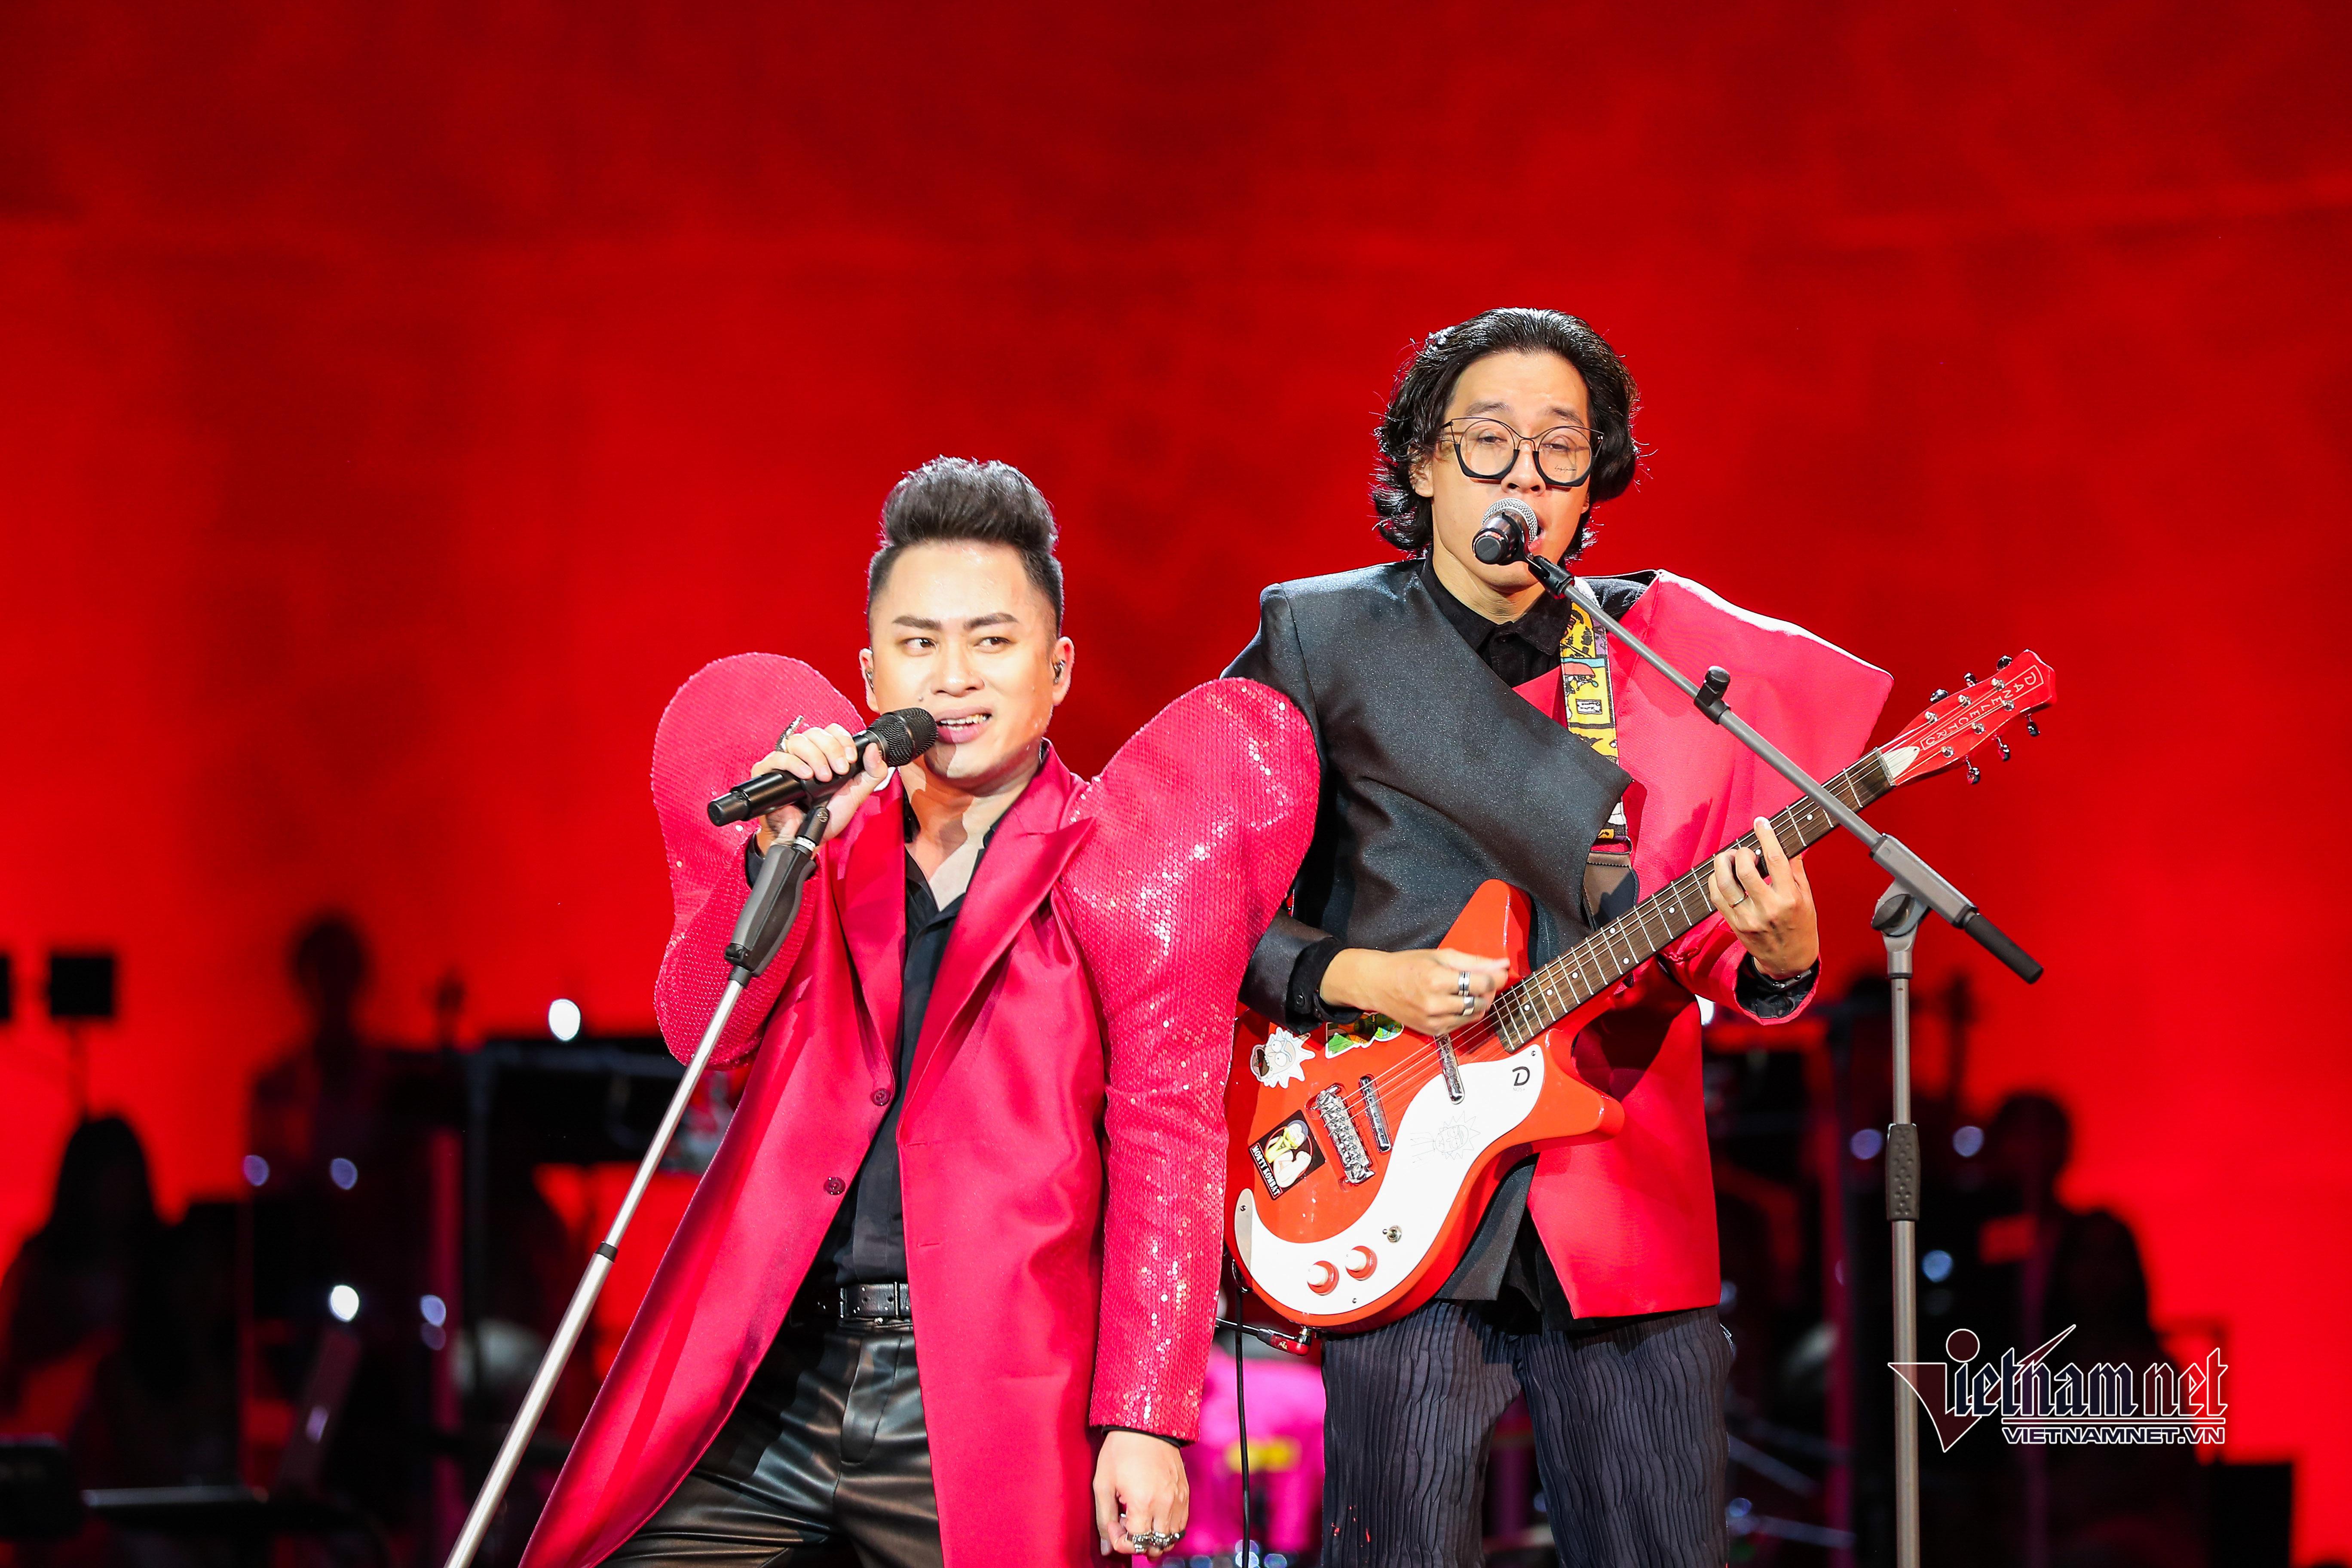 Tùng Dương - Divo độc nhất VN thăng hoa ở concert 'Con người'